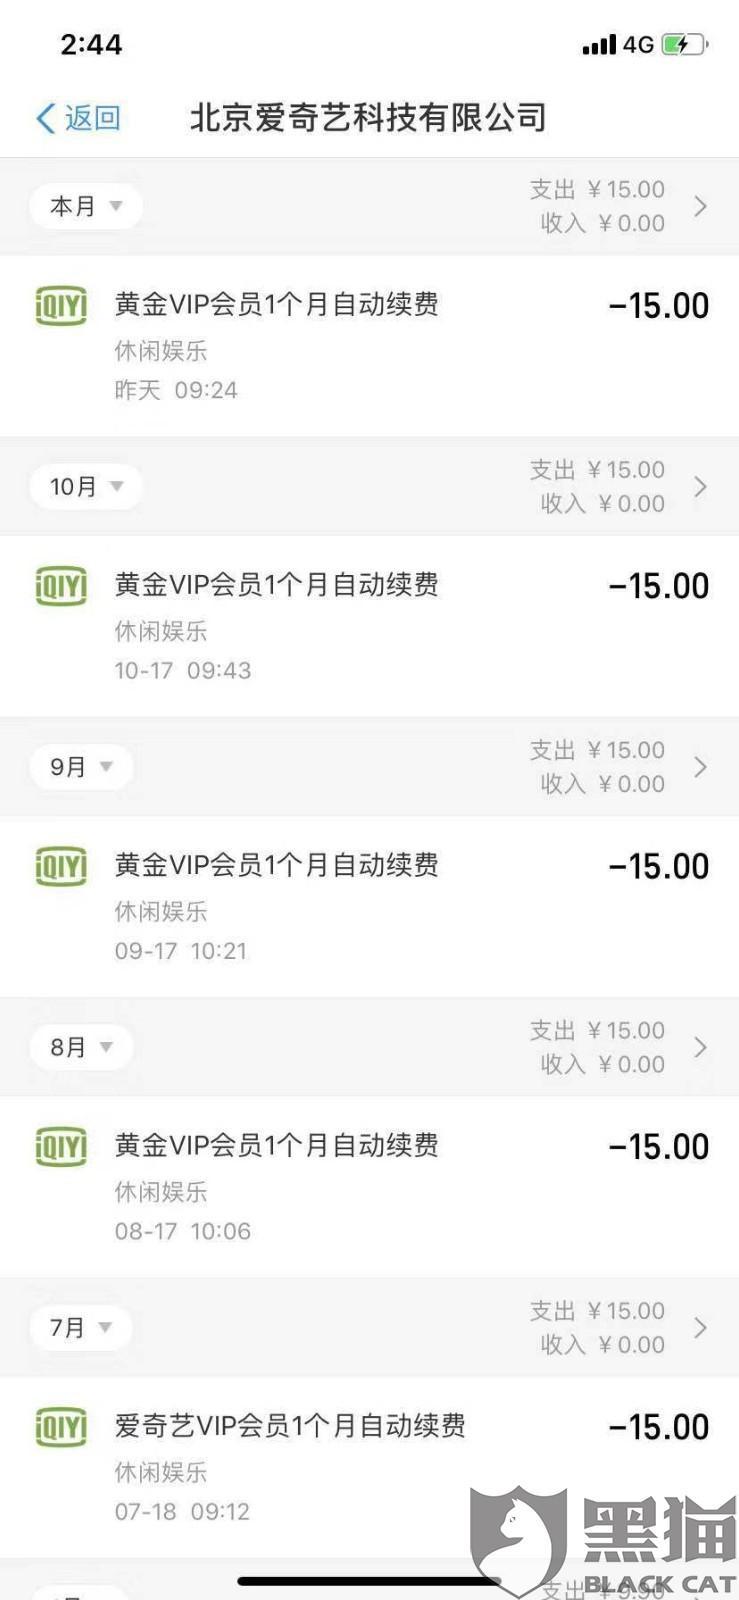 黑猫投诉:爱奇艺账号早就关闭自动续费了且VIP过期200多天,支付宝还一直在持续扣费!